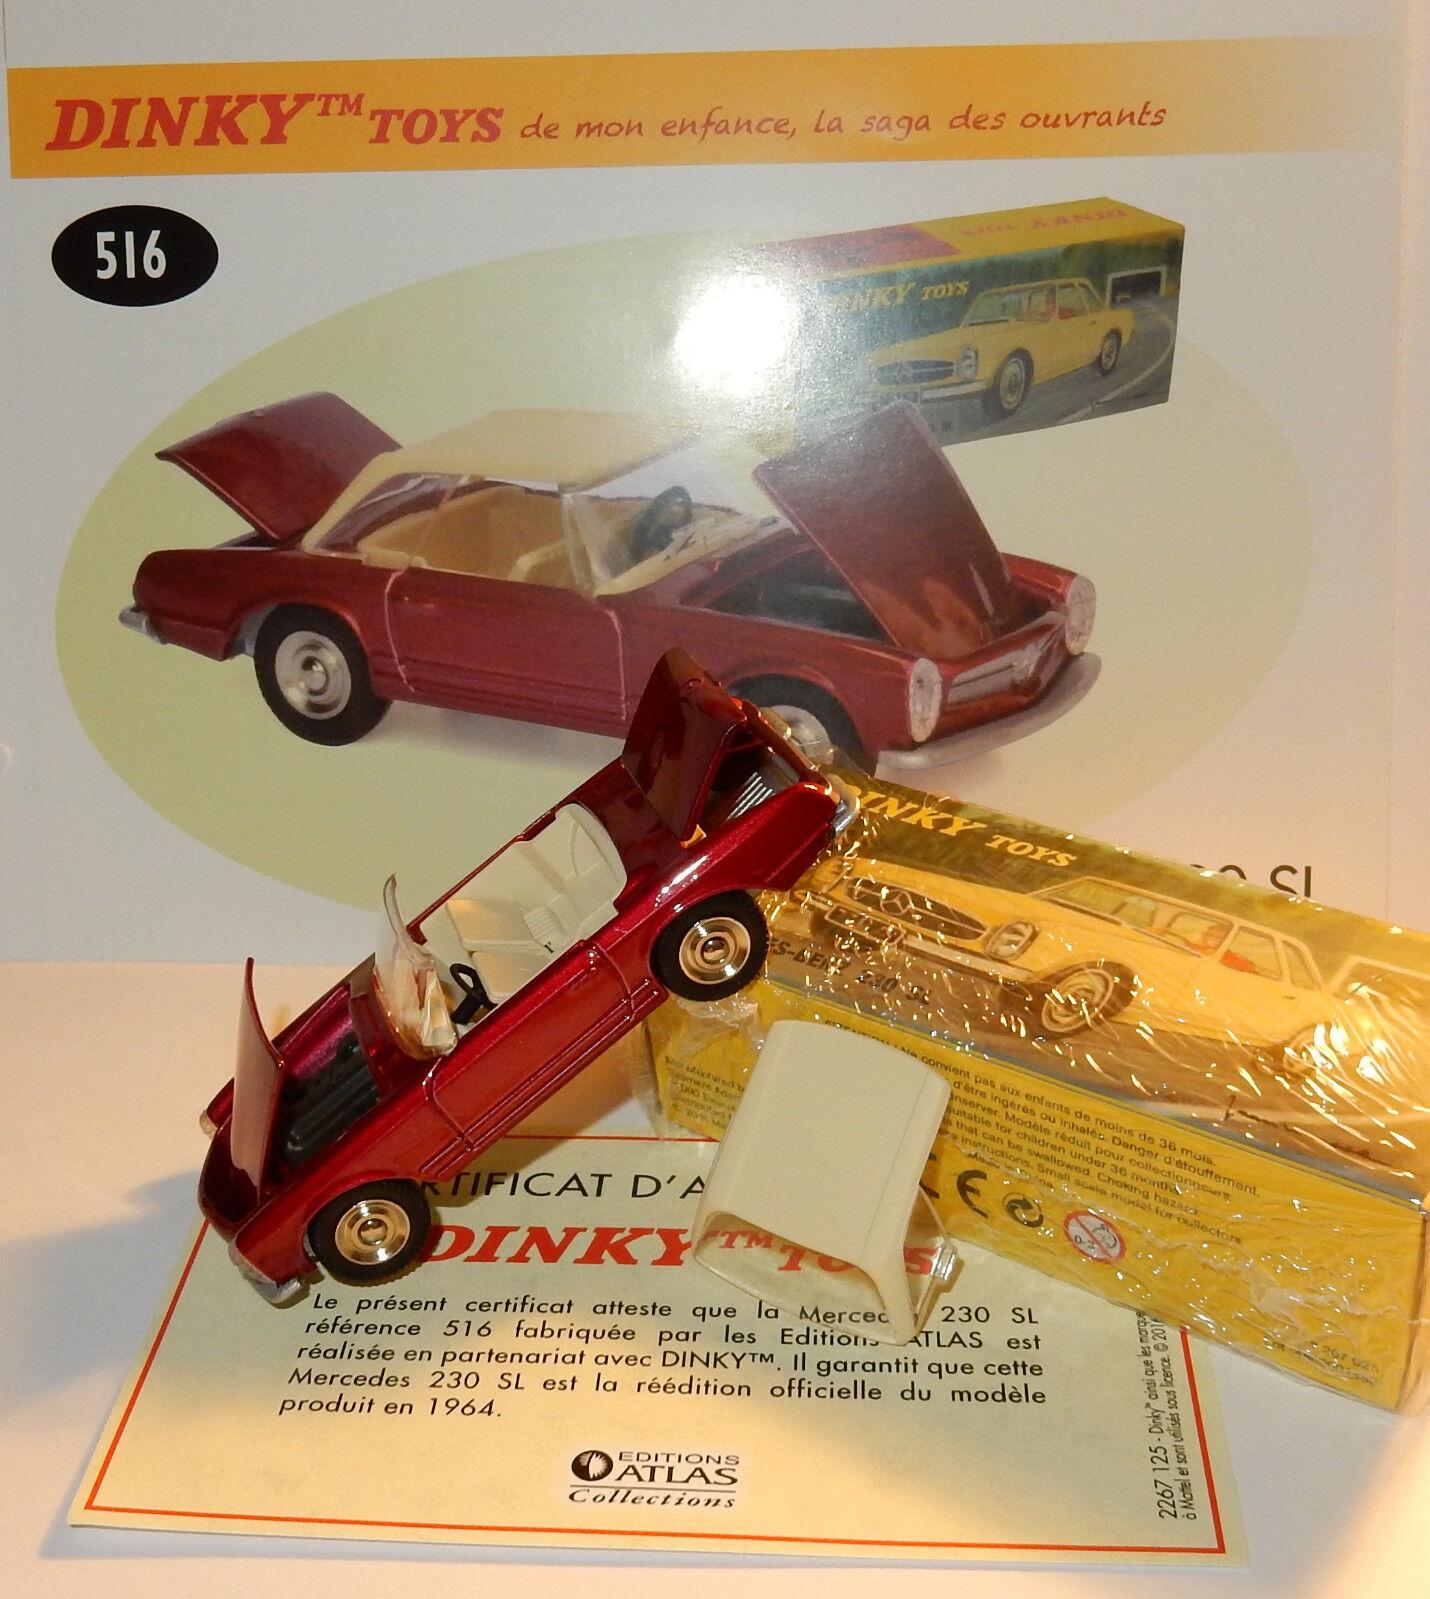 grande vendita Dinky Dinky Dinky giocattoli Atlas Mercedes-Benz 230 Sl Rosso in Mettuttio 1 43 Rif. 516 in scatola  risparmia il 35% - 70% di sconto